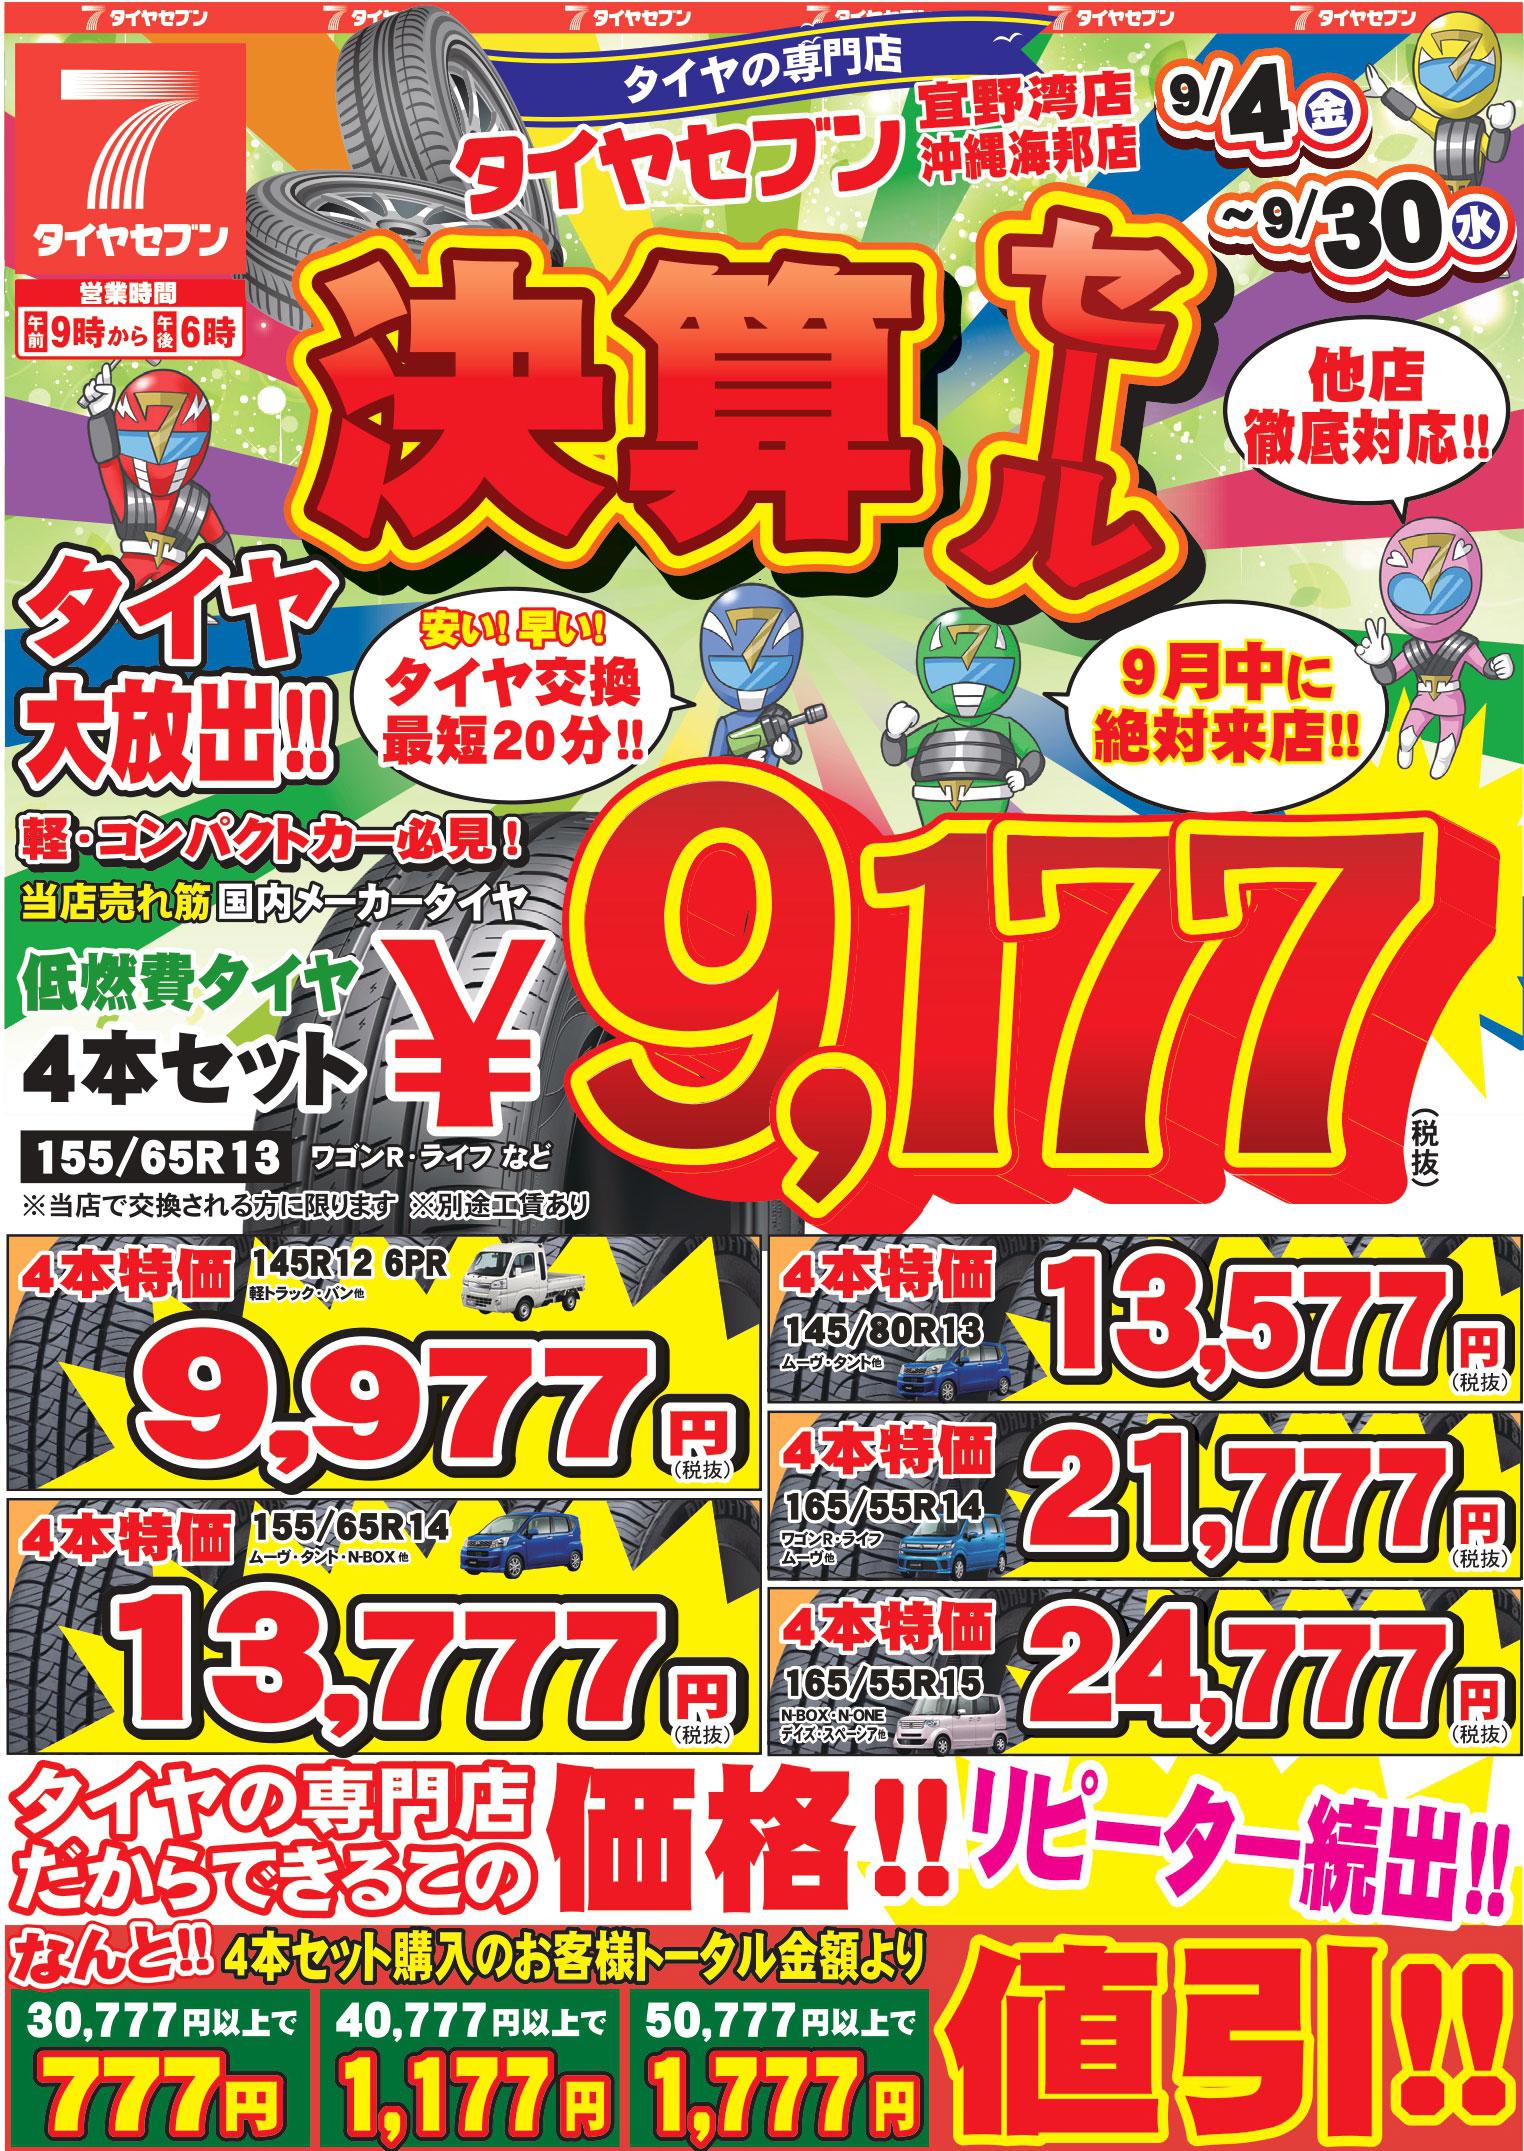 チラシ情報2020年9月(沖縄)